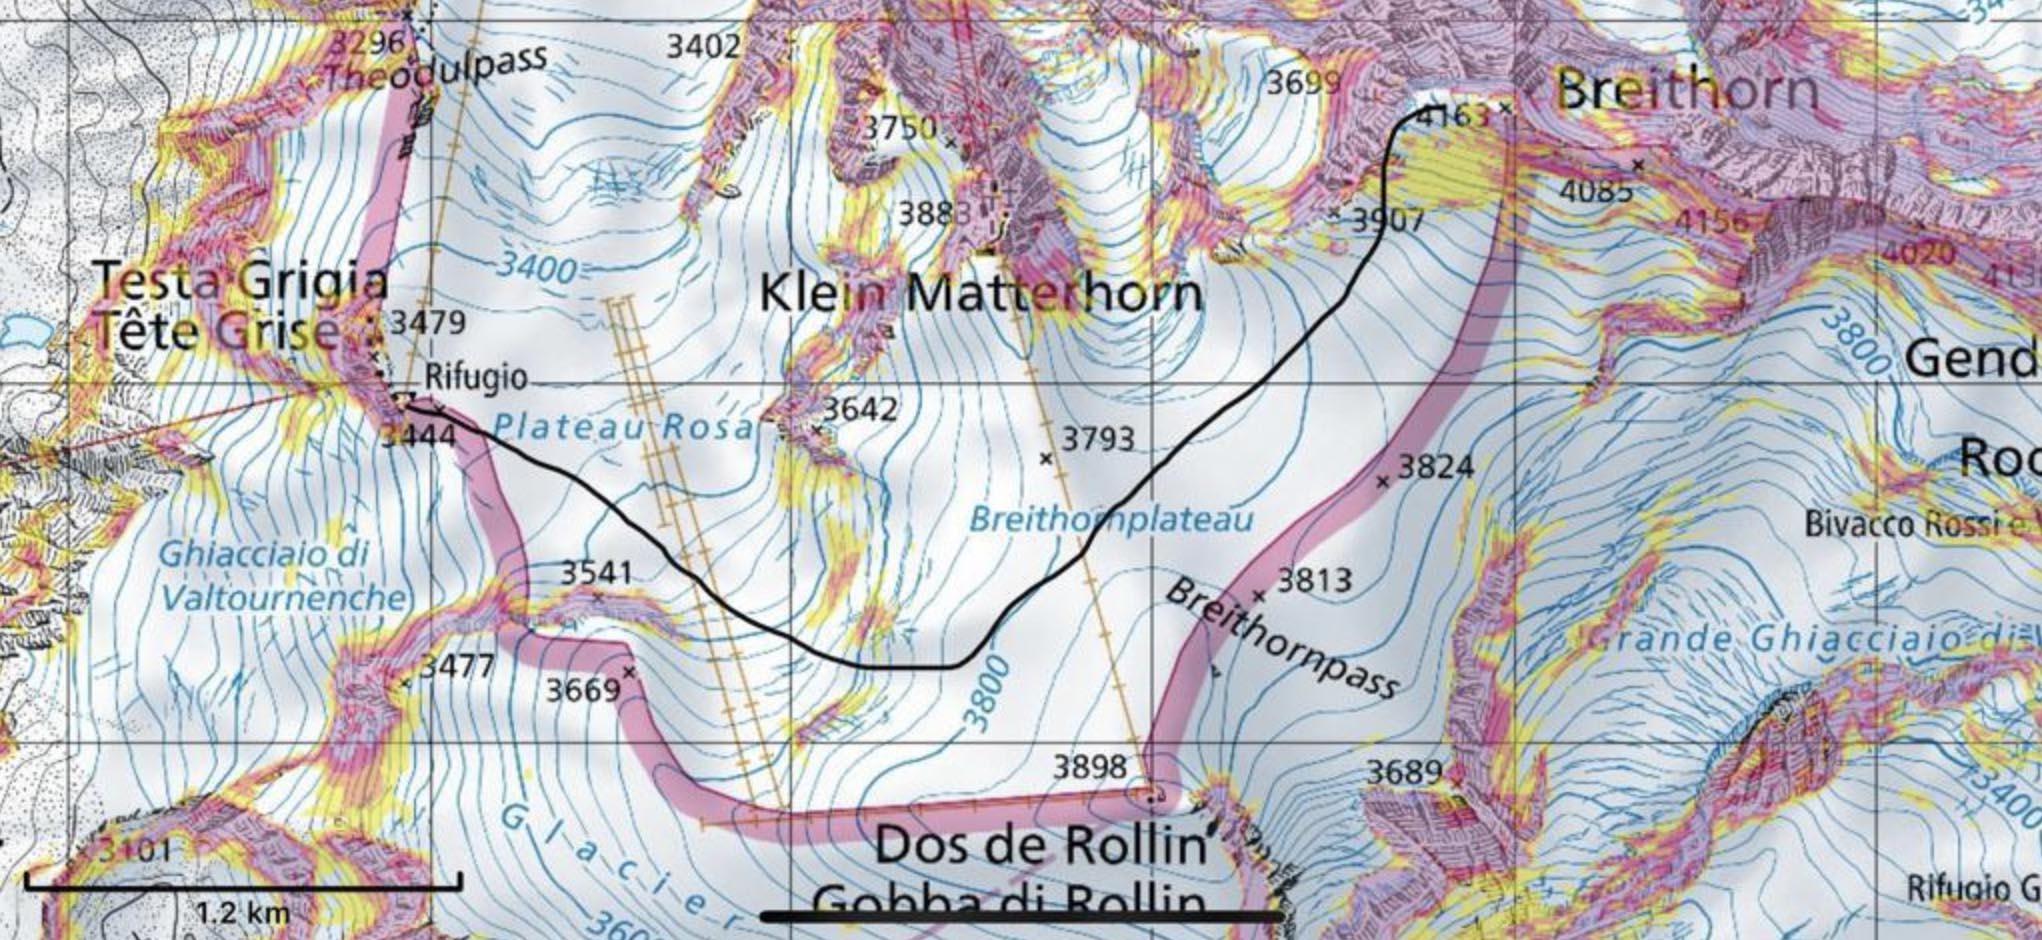 mapa do refúgio até breithorn